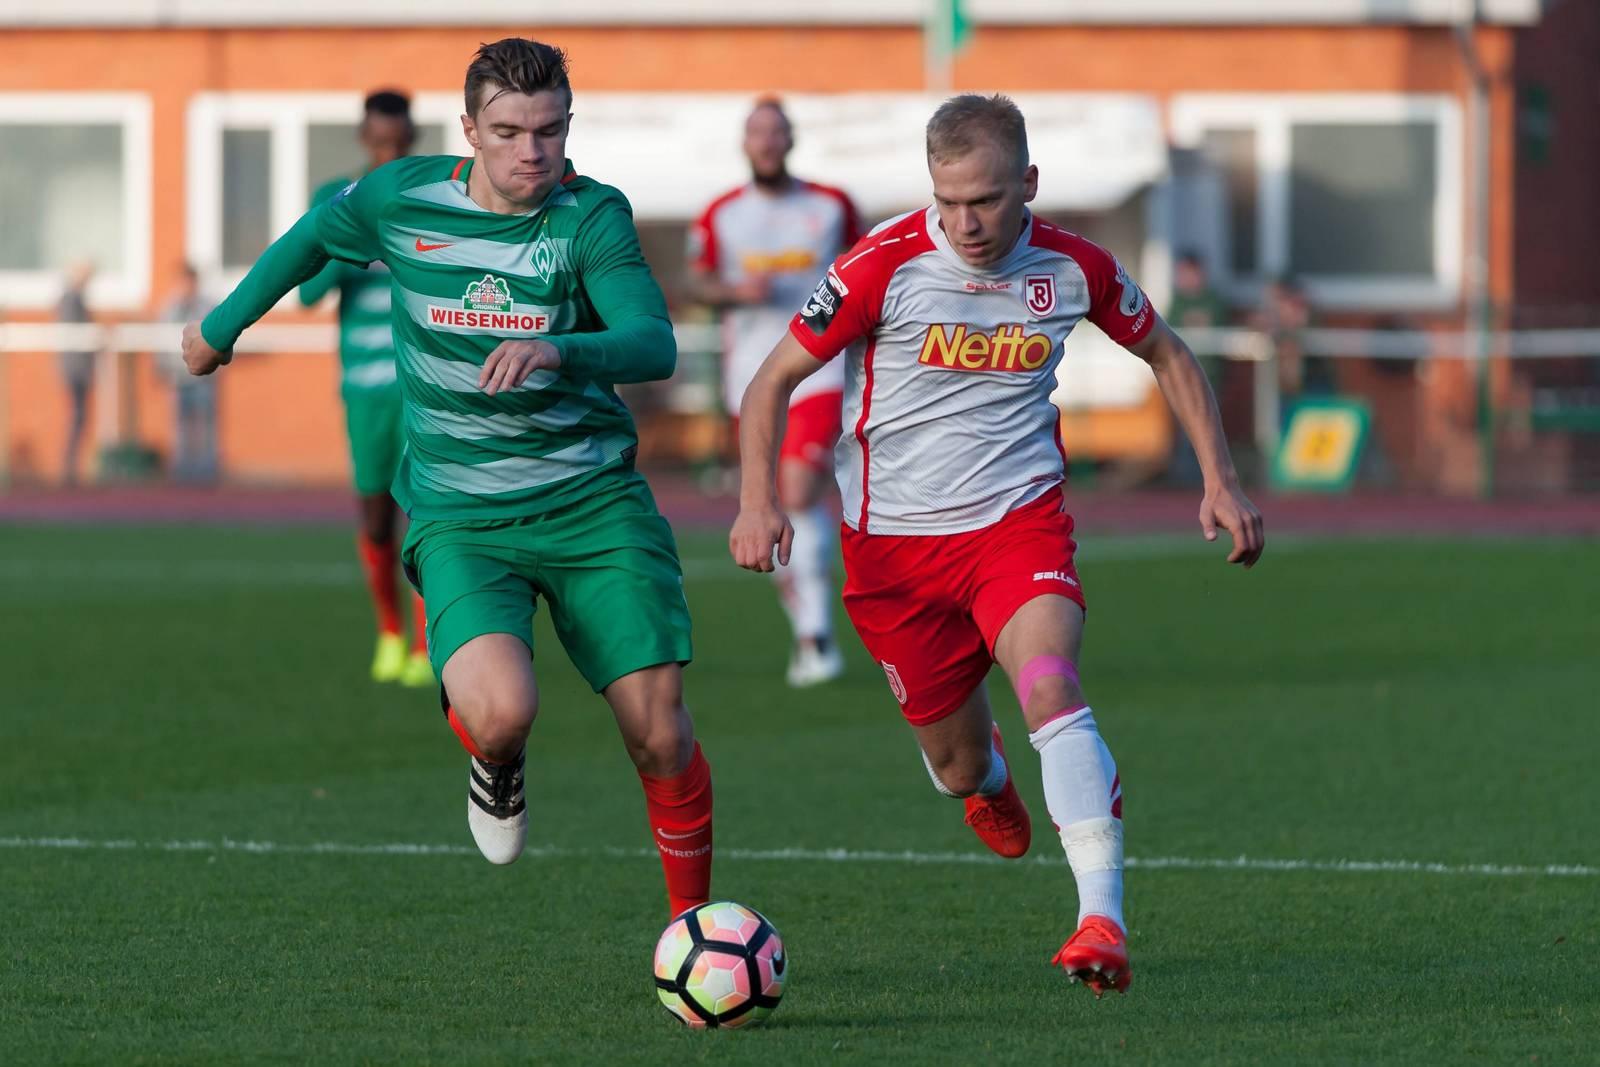 Alexander Nandzik im Laufduell mit Bremens Björn Rother.